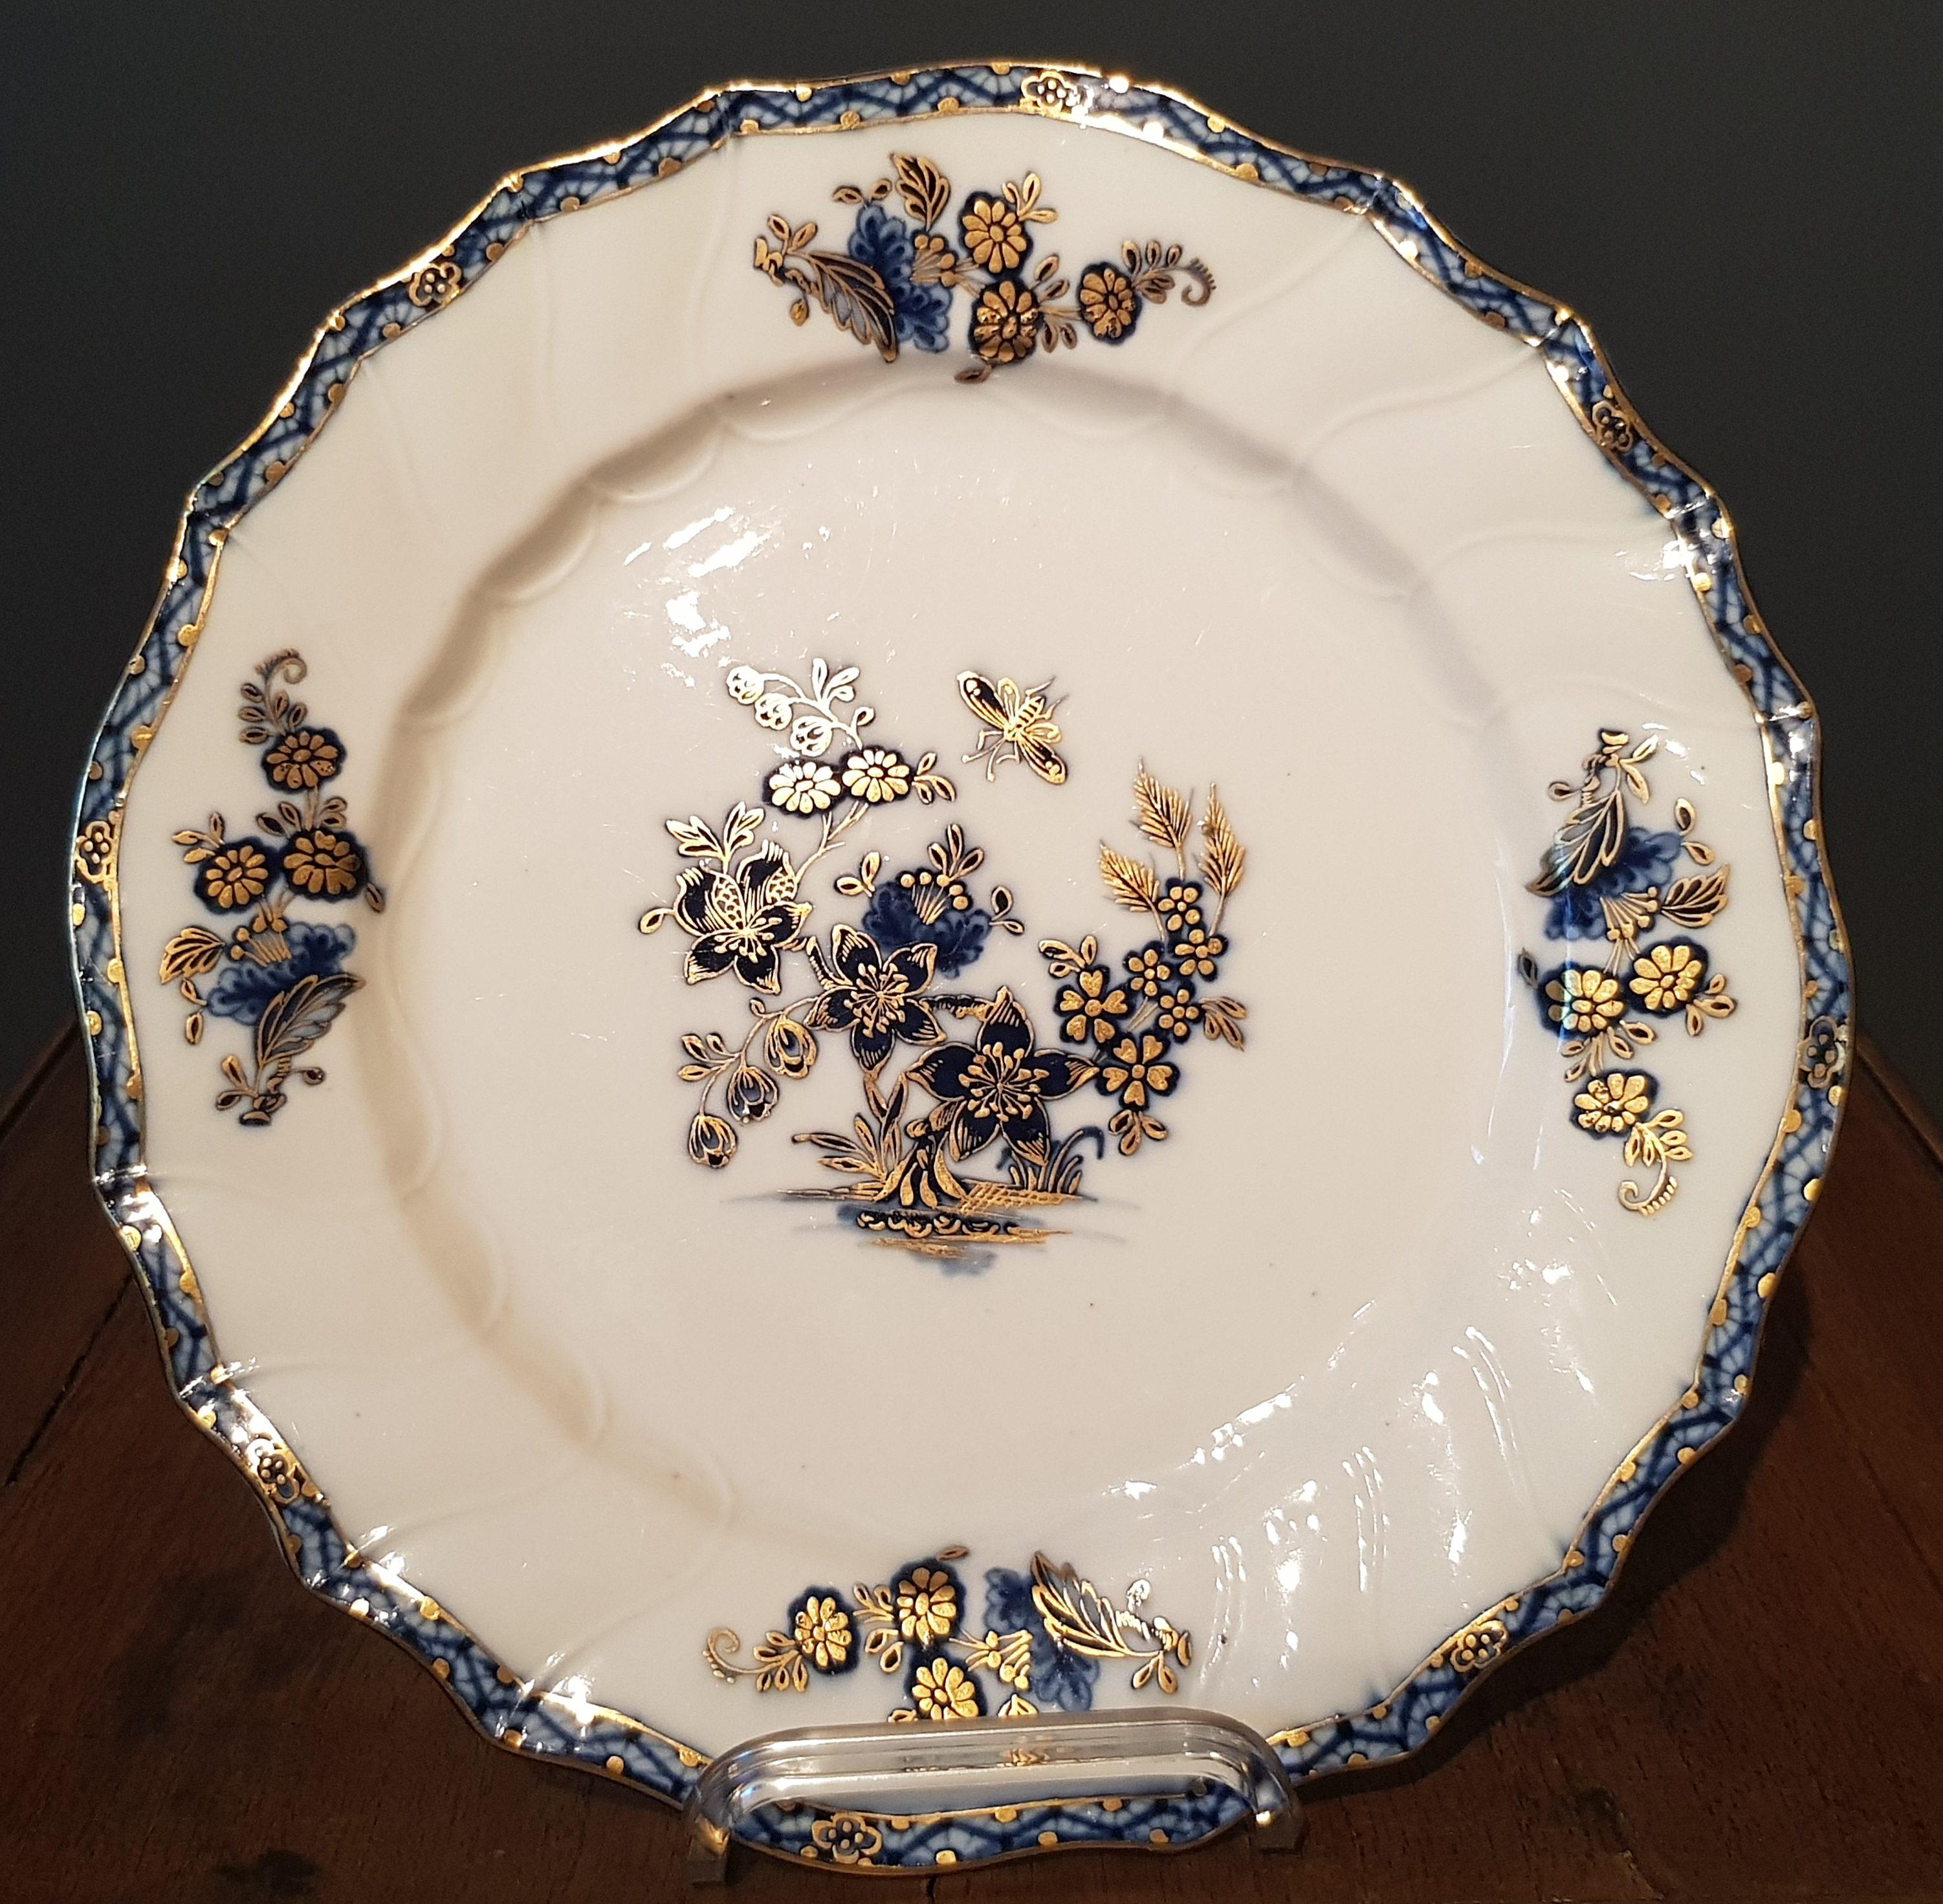 Assiette à la Mouche et Or en Porcelaine de Tournai Image